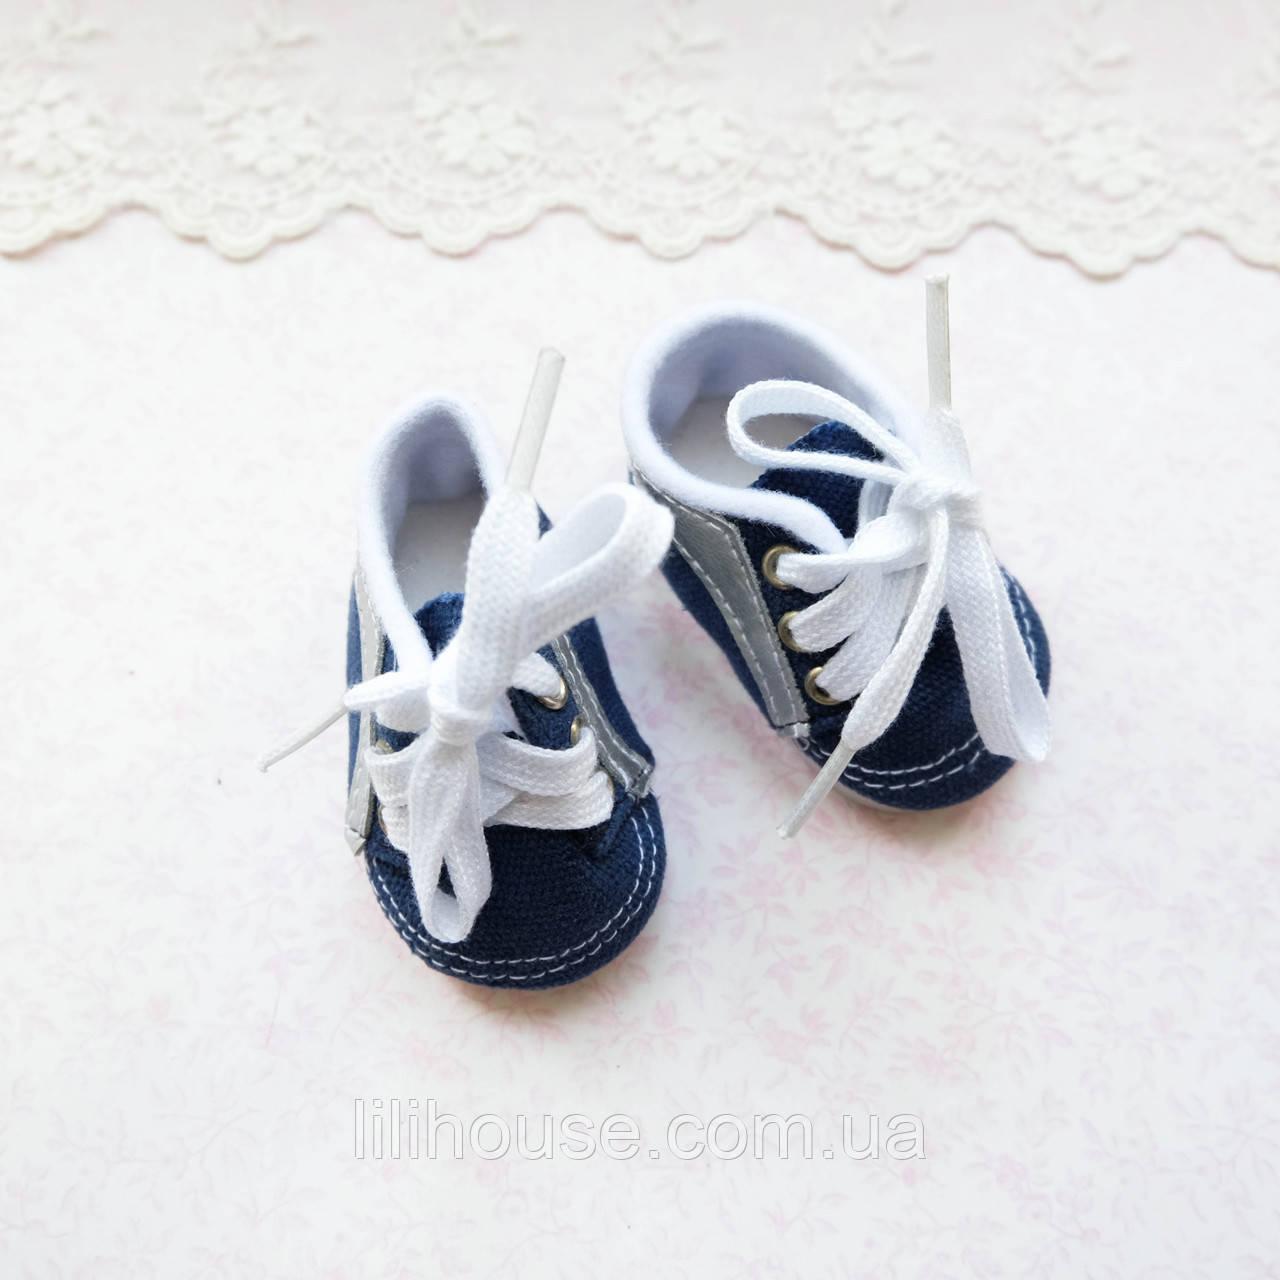 Обувь для Кукол Кеды на Шнуровке со Вставкой из Кожзама - 7*3.5 см СИНИЕ